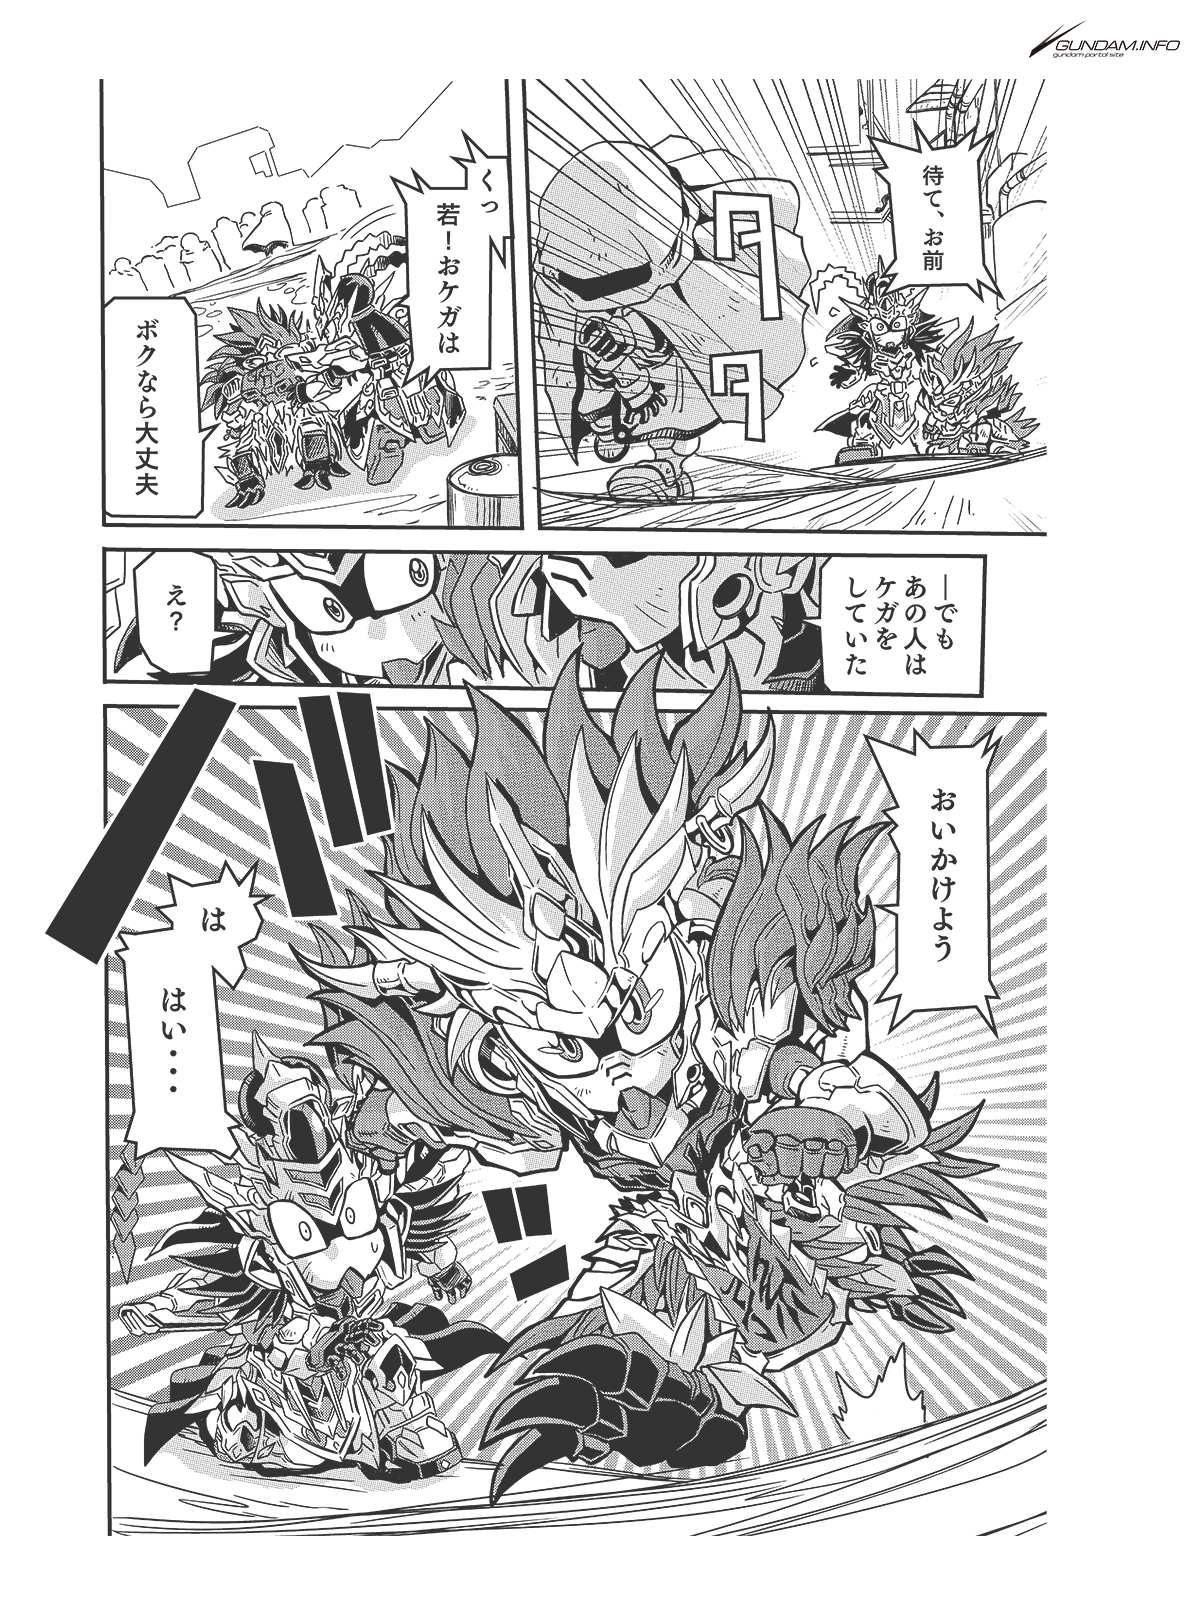 SDガンダムワールド 三国創傑伝 焔虎譚 第3話 P4